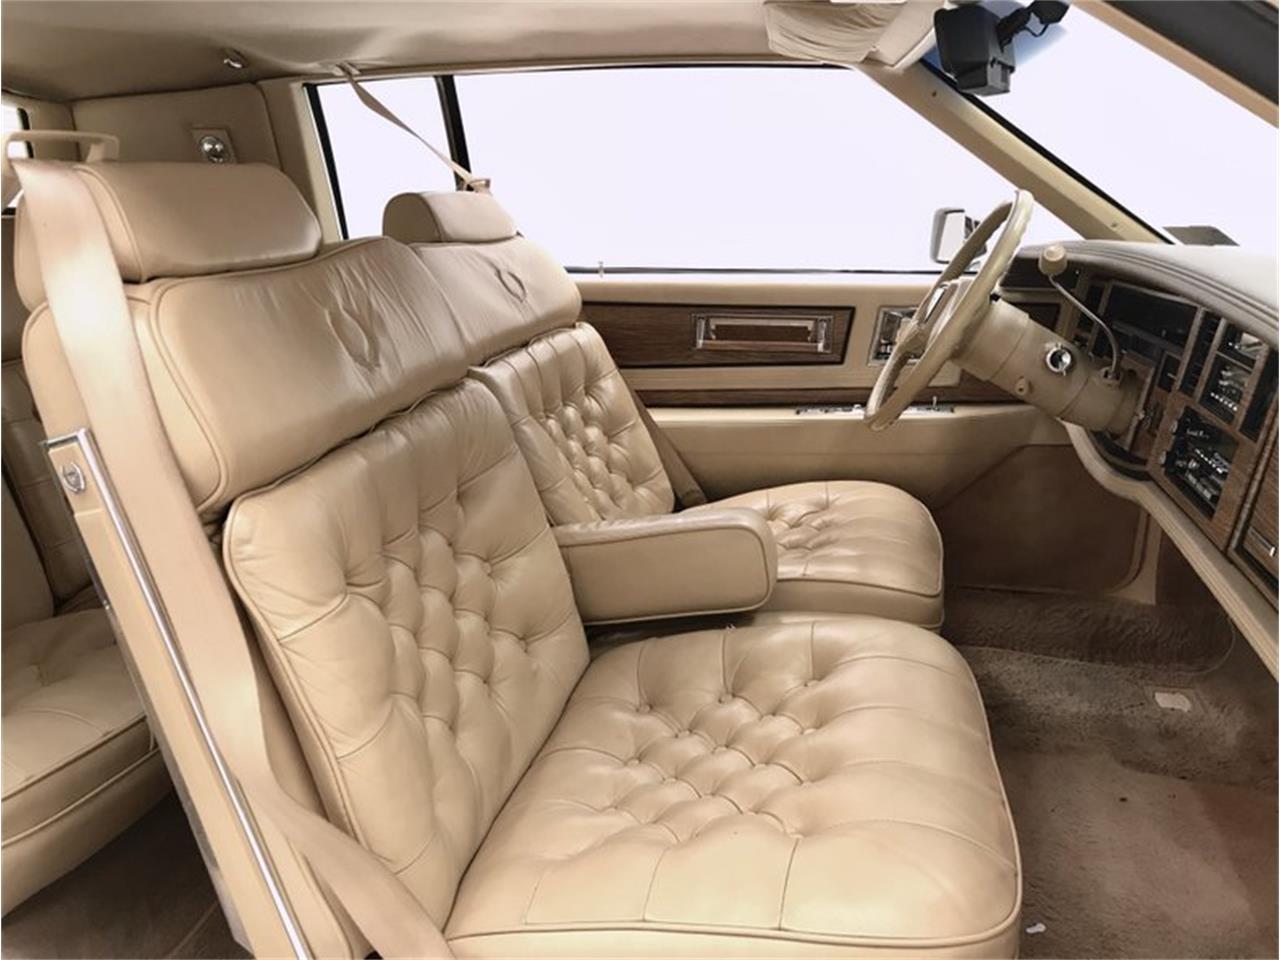 1985 Cadillac Eldorado for sale in Morgantown, PA ...